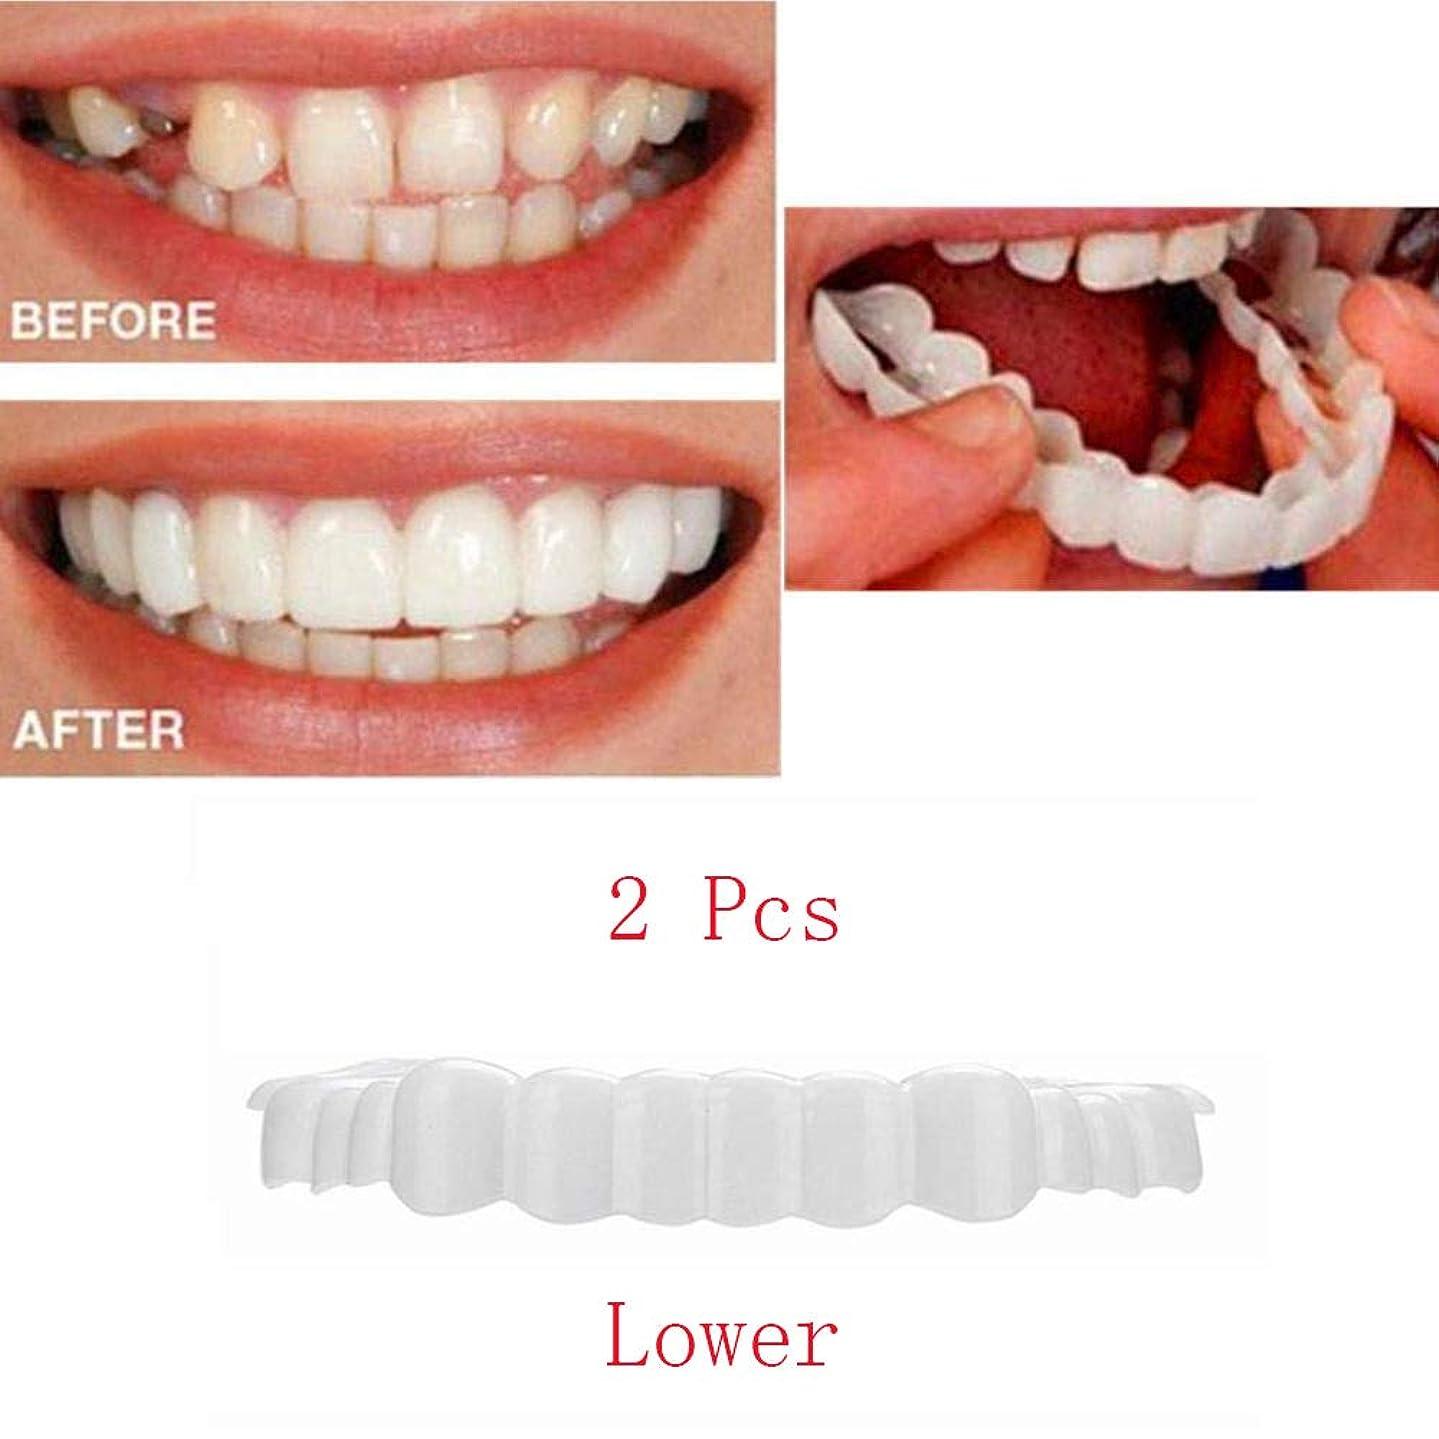 献身ほのか憂慮すべき柔軟な化粧品の歯入れ歯の悪い歯のオーラルケアの歯の自然な健康のための快適な層のシリコーン入れ歯の下に2本のブレースを白くするブレース